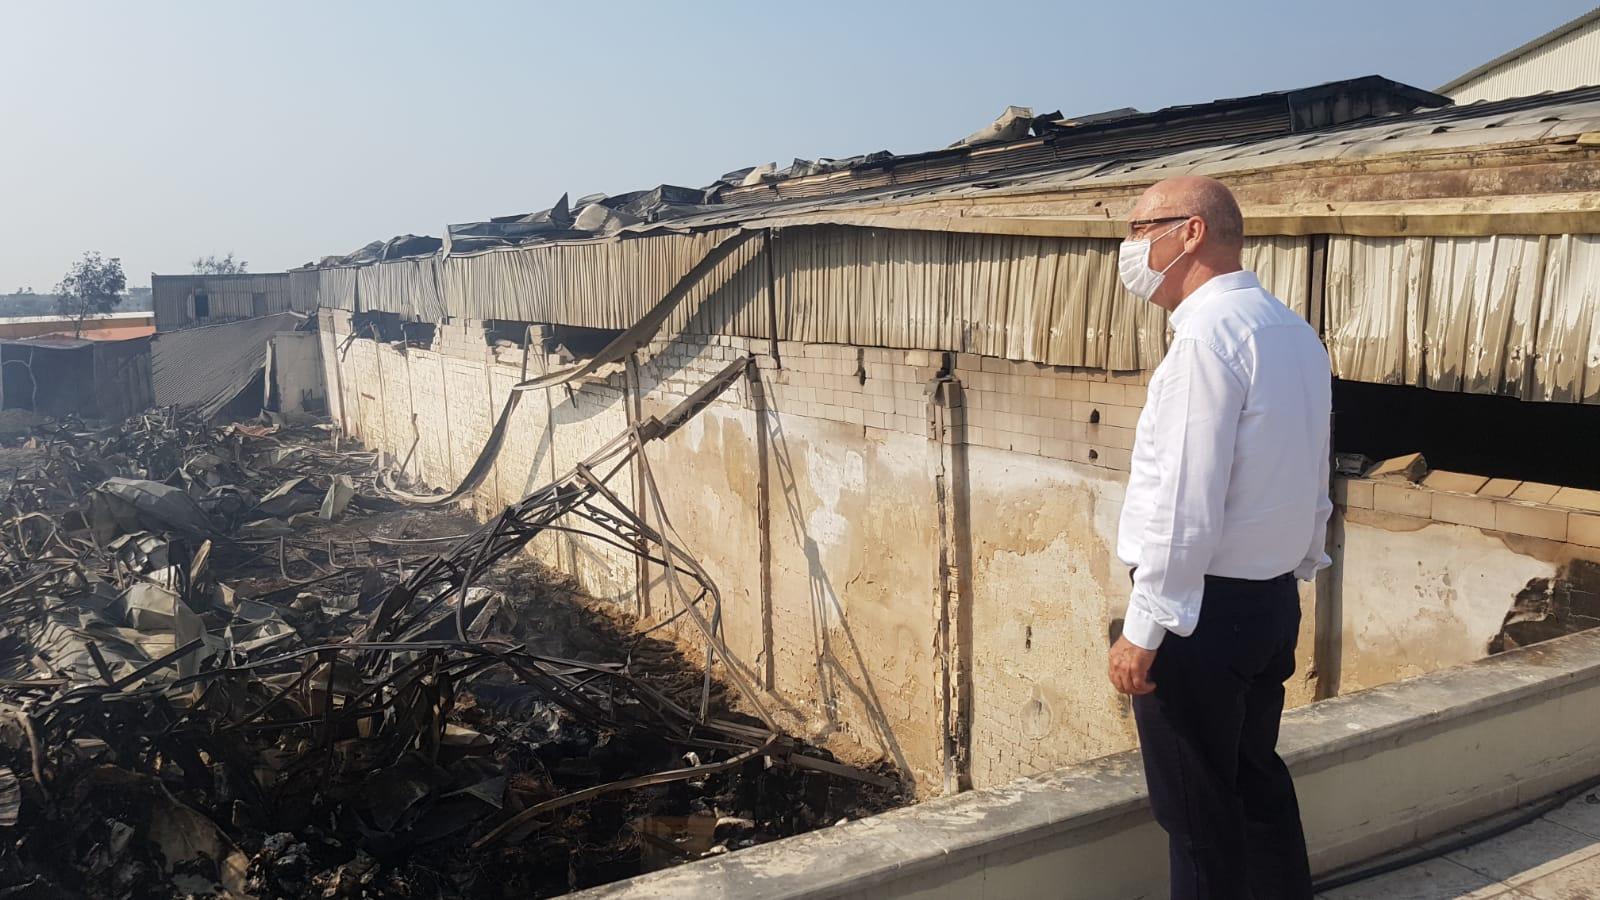 İTSO Başkanı Yılmaz ve Başkan Yardımcısı Yeter Yangında Zarar Gören üyeleri ziyaret etti